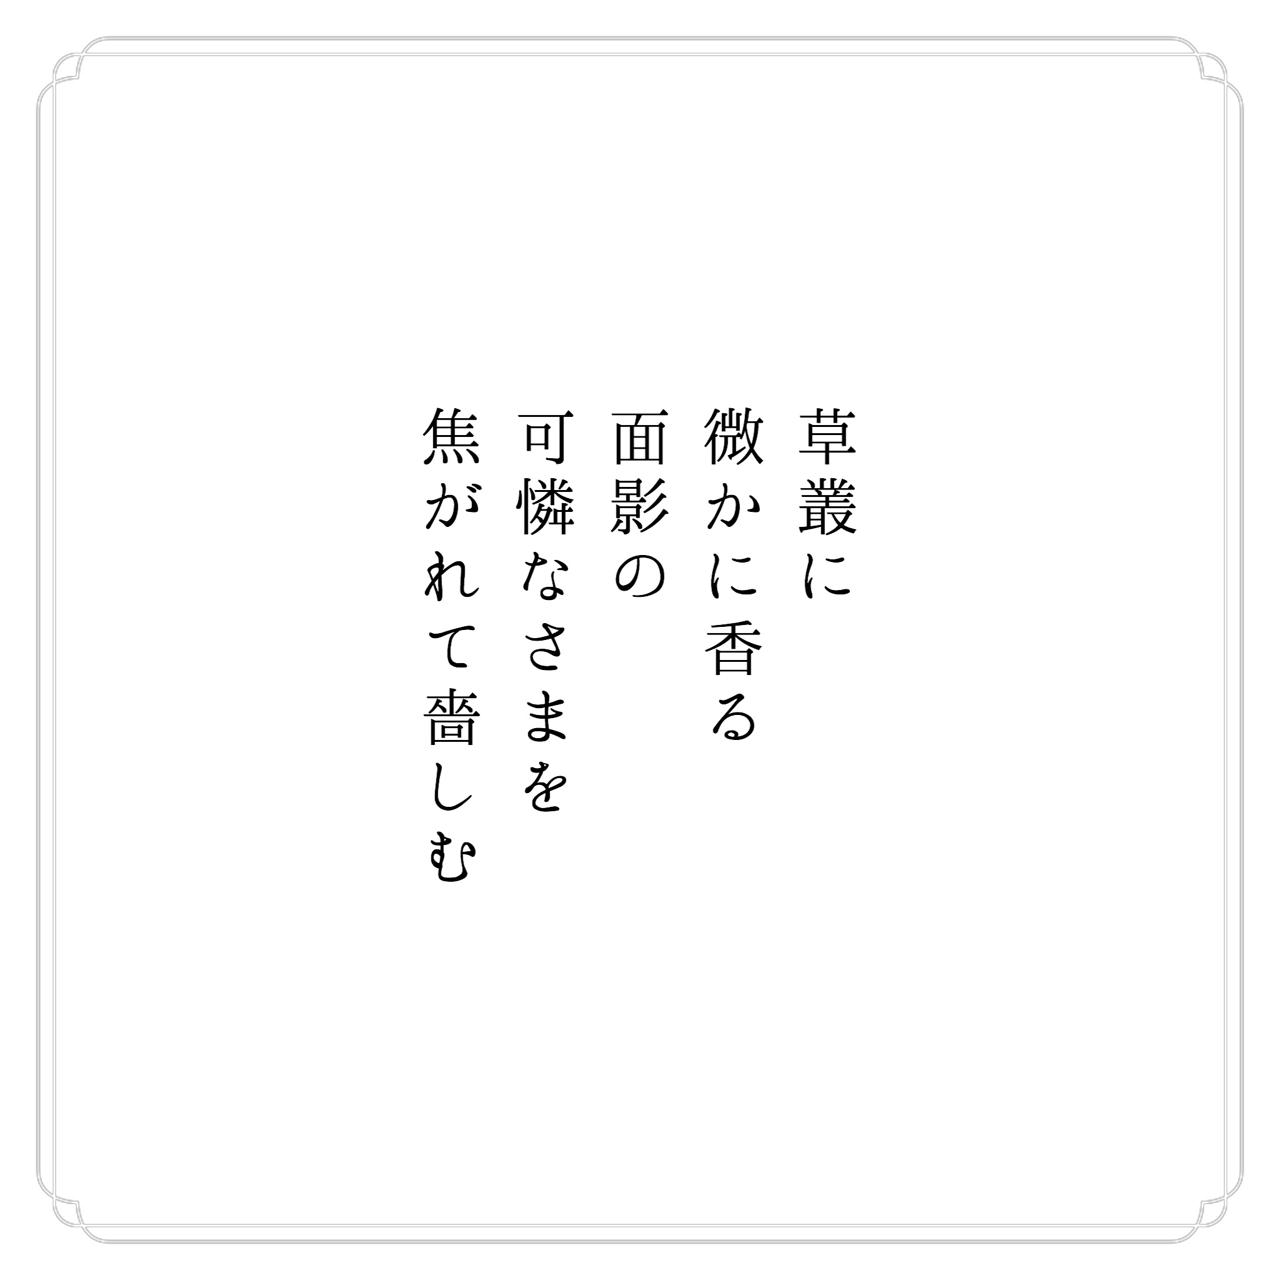 薔薇の詩 嶋田青磁 note